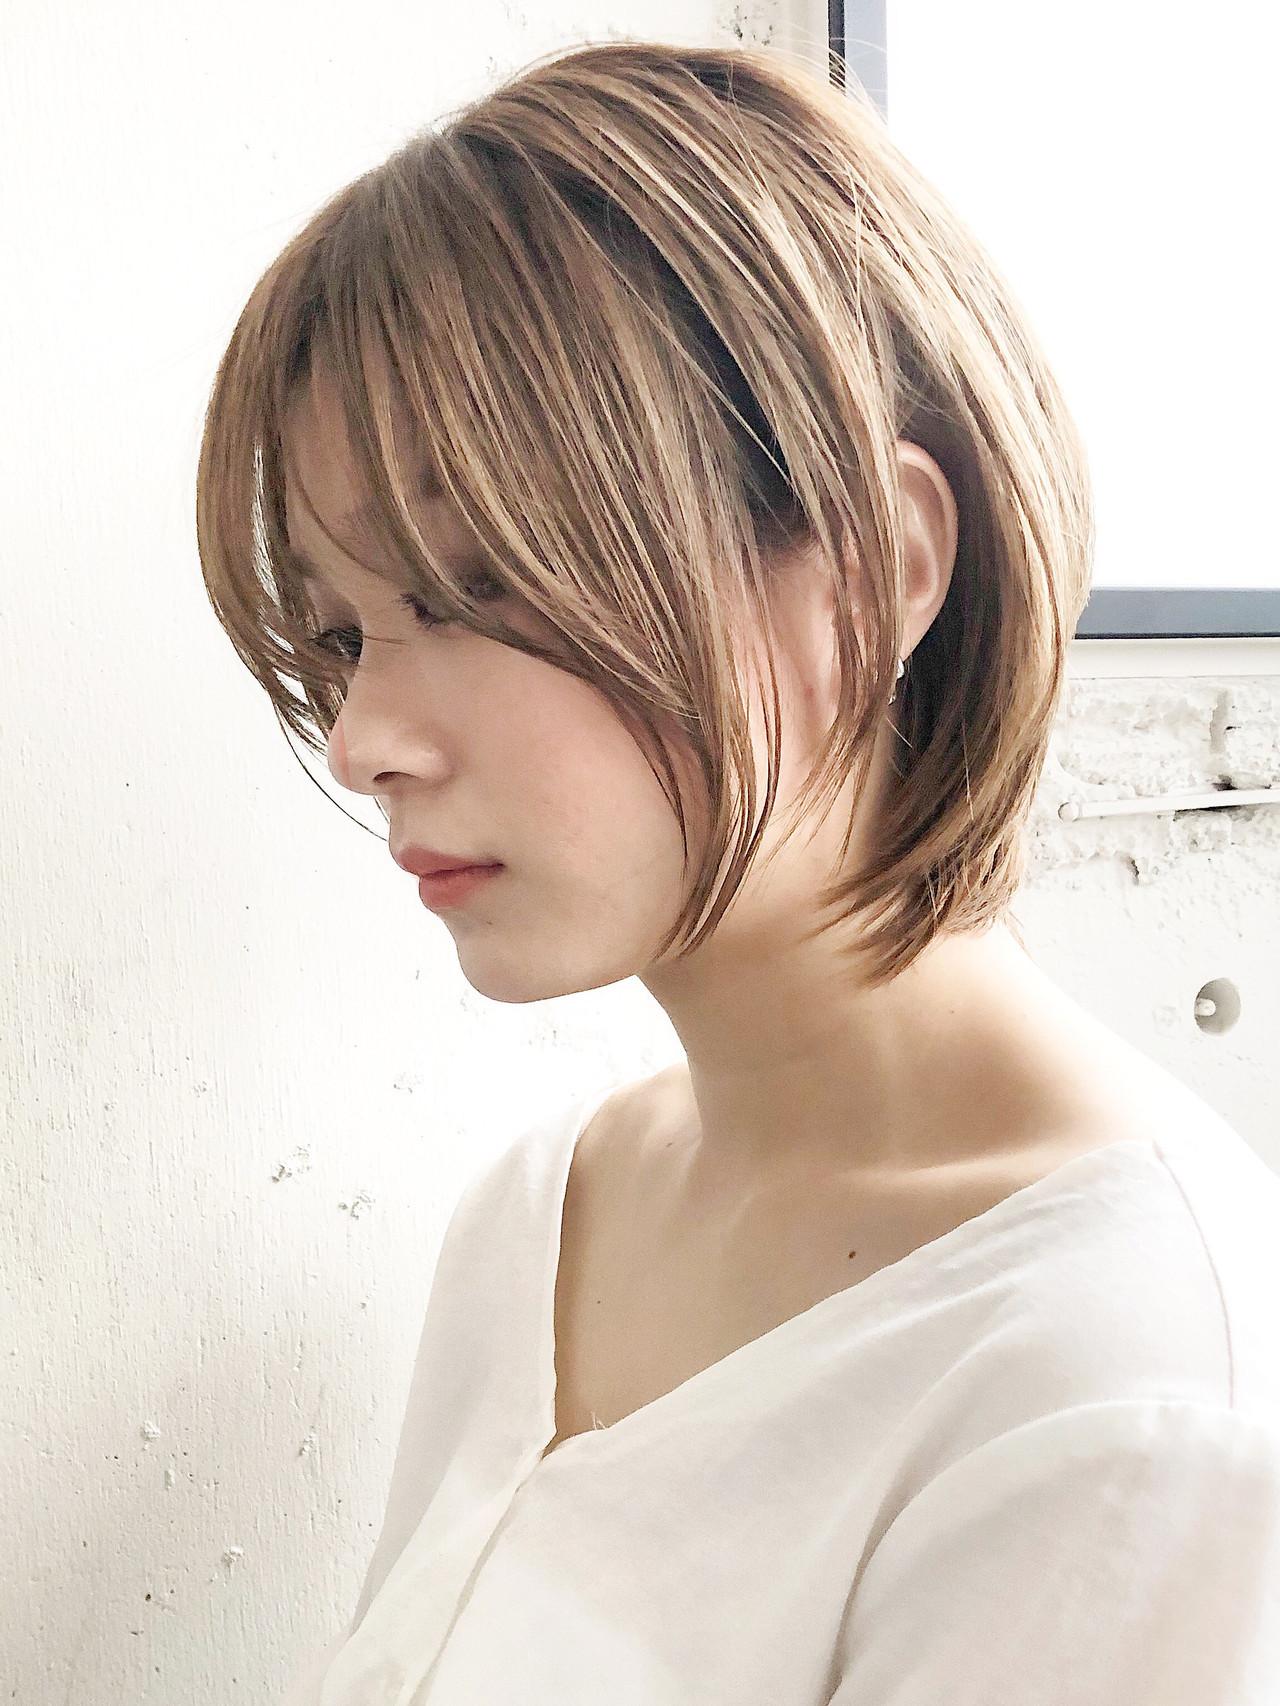 マッシュウルフ モテ髪 ストレート メンズカット ヘアスタイルや髪型の写真・画像